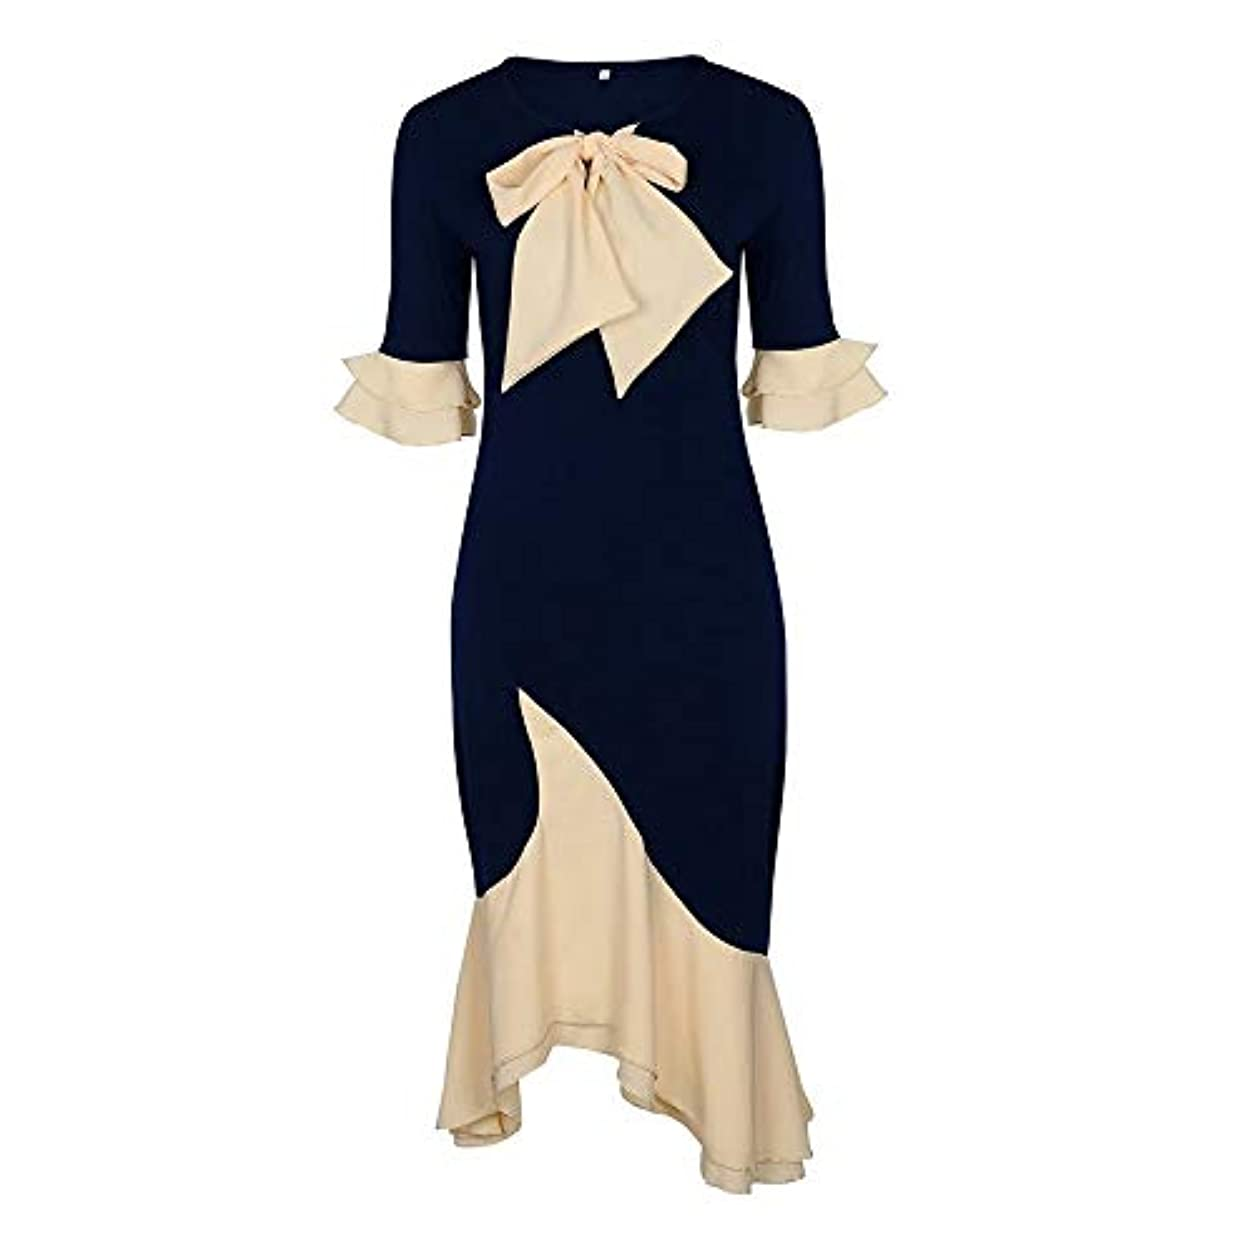 削減旅行者洋服Onderroa - ヴィンテージエレガントなオフィスレディーの女性のドレスマーメイドフレアスリーブボウカラーファルバラの女の子セクシーな女性レトロなパーティードレス